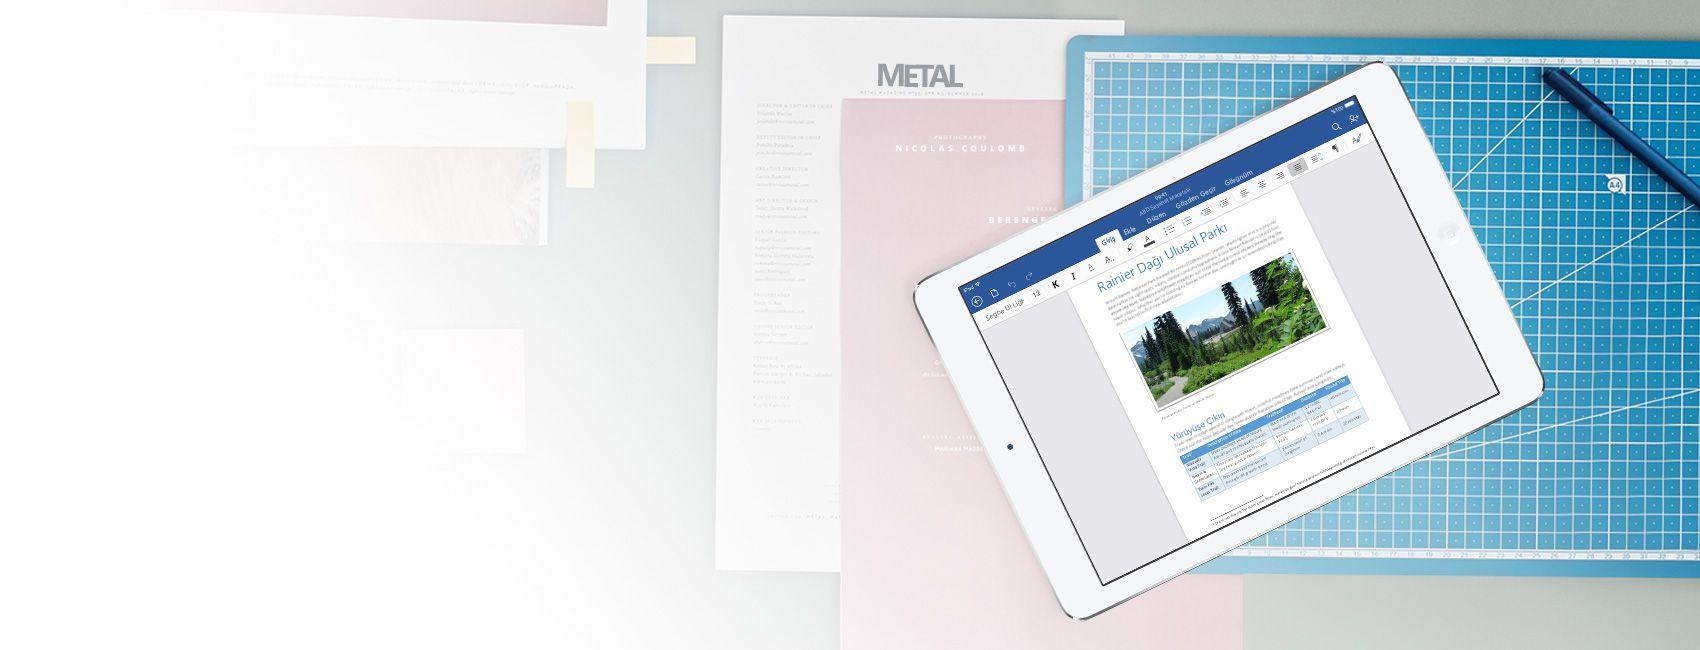 iOS için Word uygulamasında Mount Rainier Ulusal Parkı hakkında bir Word belgesi görüntülenen iPad